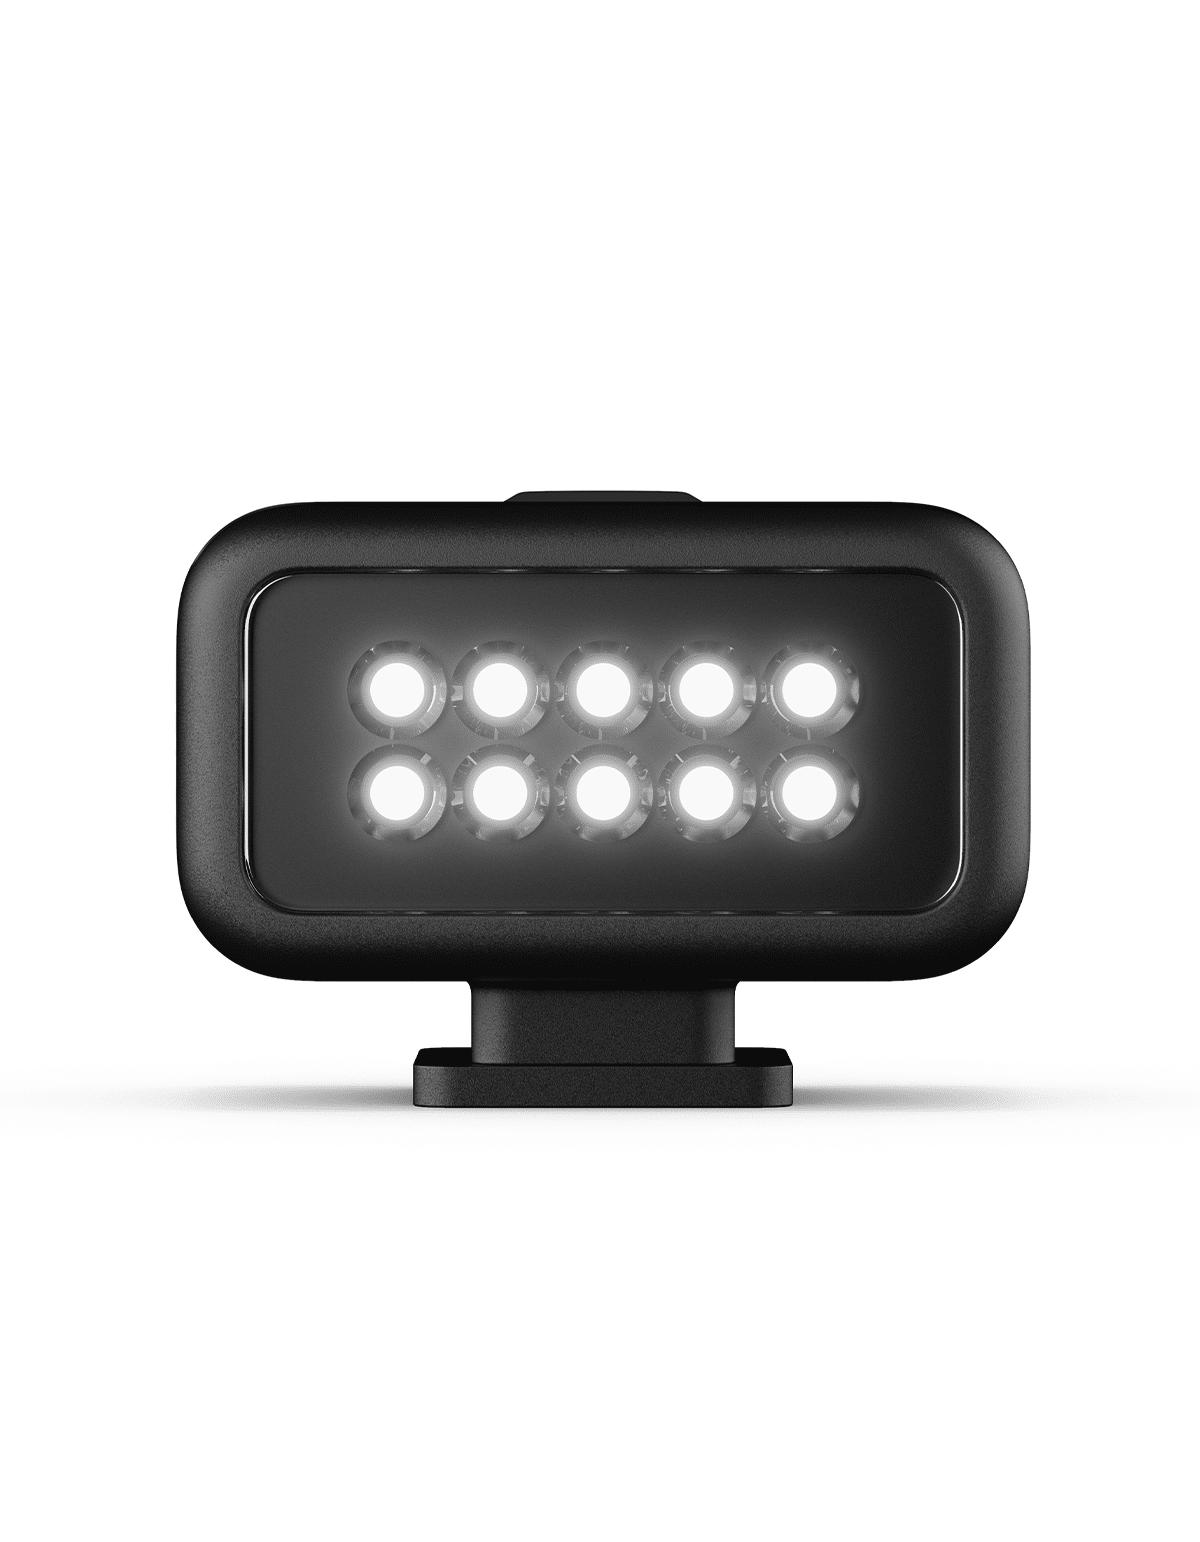 GoPro Light Mod (HERO8 and HERO9 Black) UK